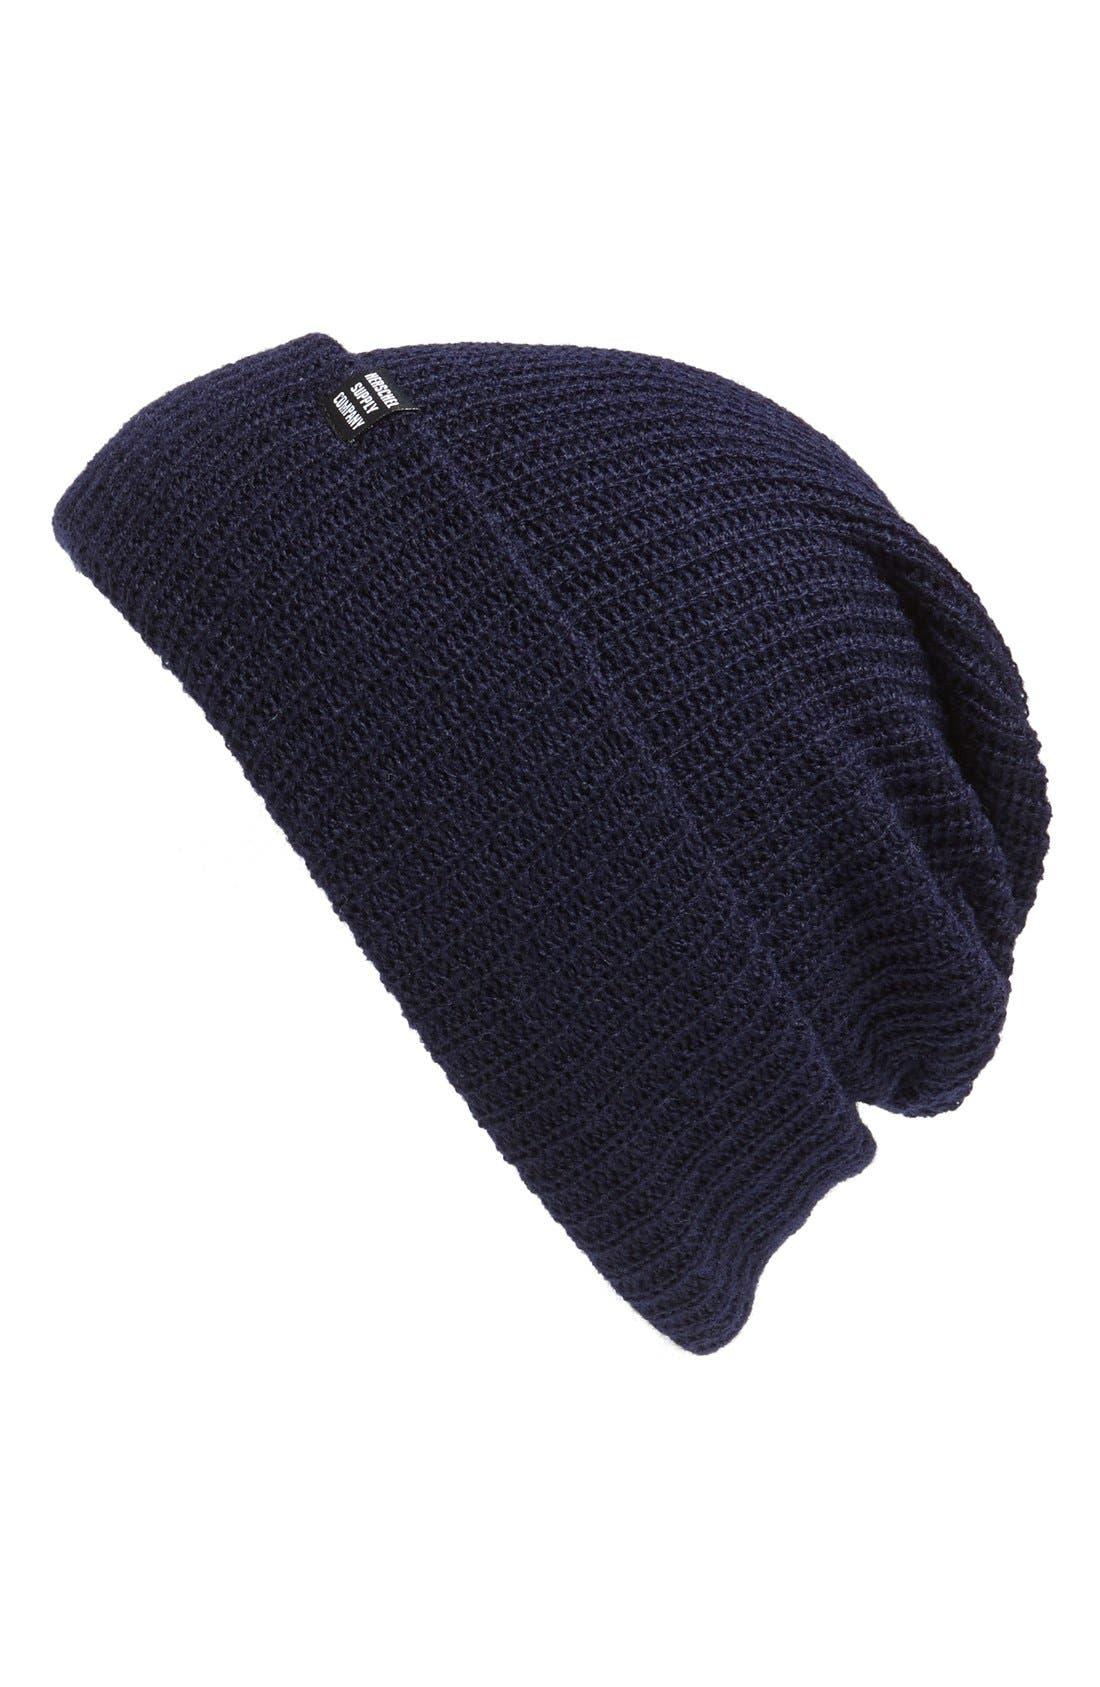 'Quartz' Solid Knit Cap,                             Main thumbnail 6, color,